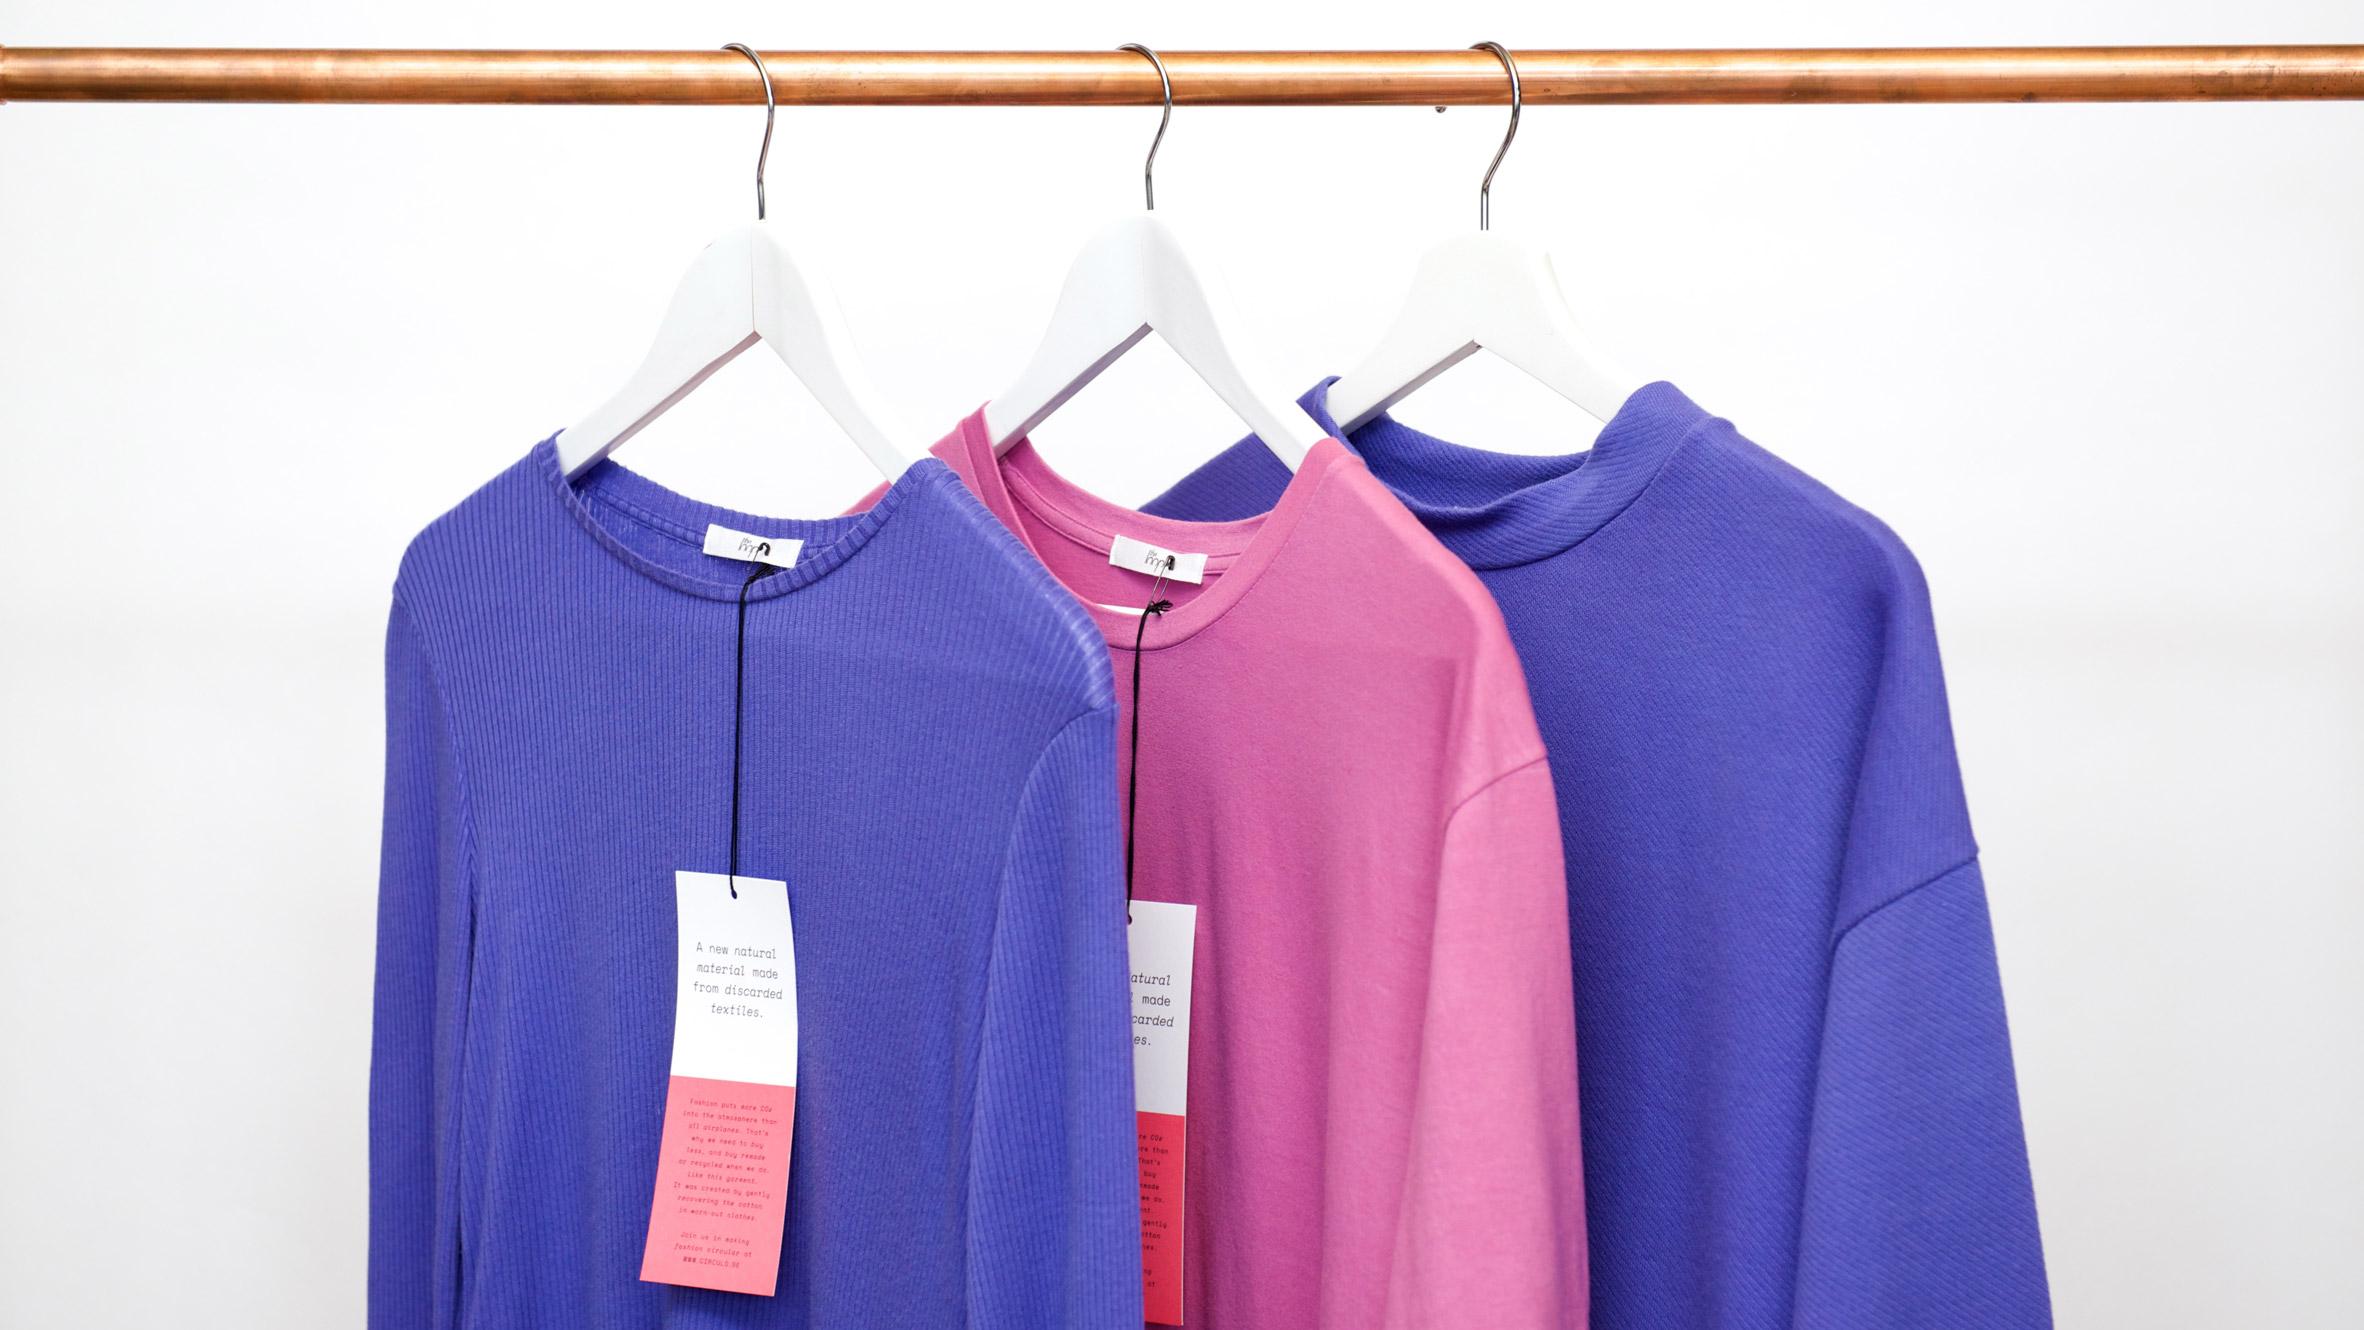 cotton fashion cotton clothing company